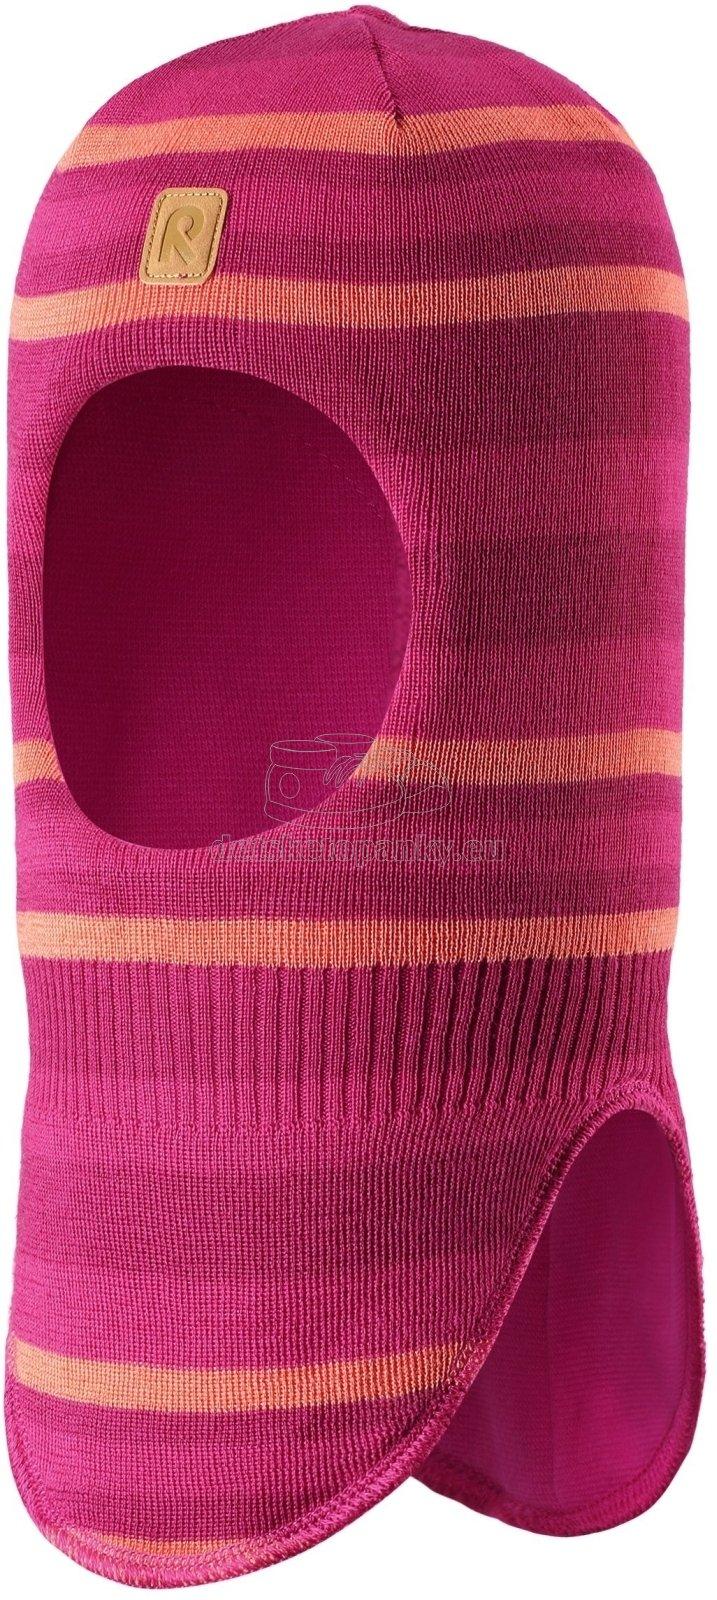 Detská zimná kukla Reima 518528 raspberry pink